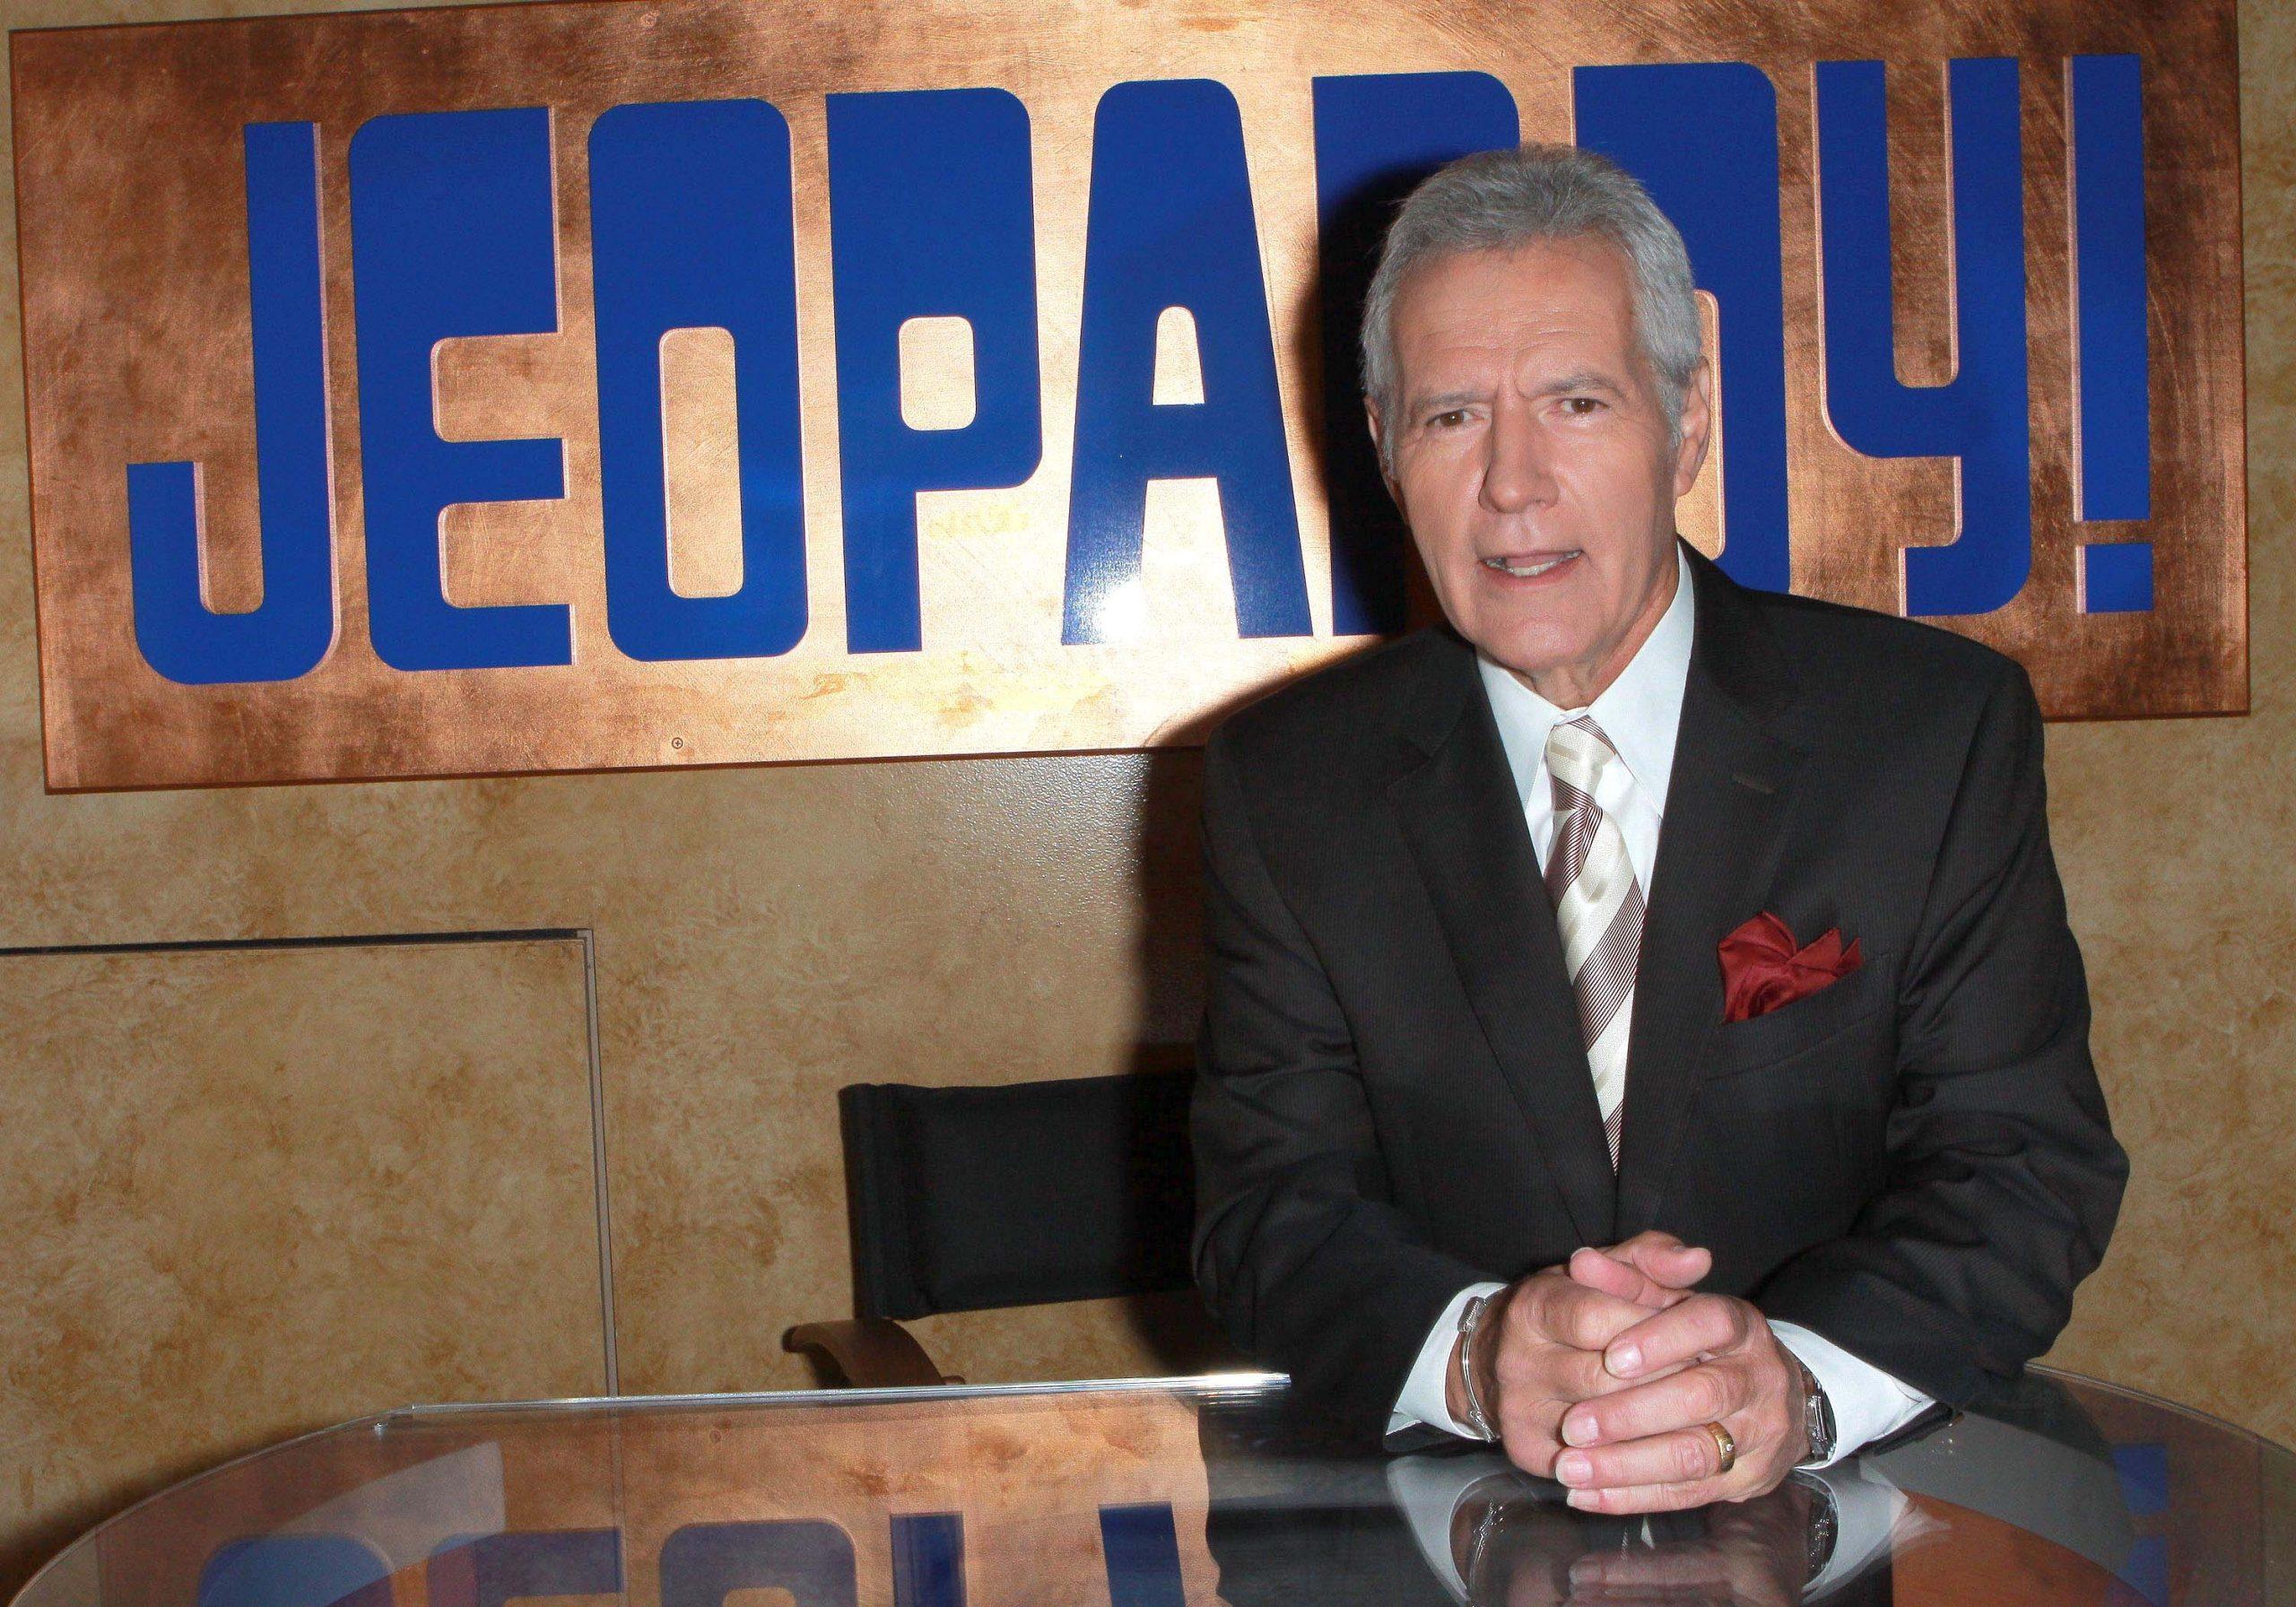 alex trebek host of jeopardy